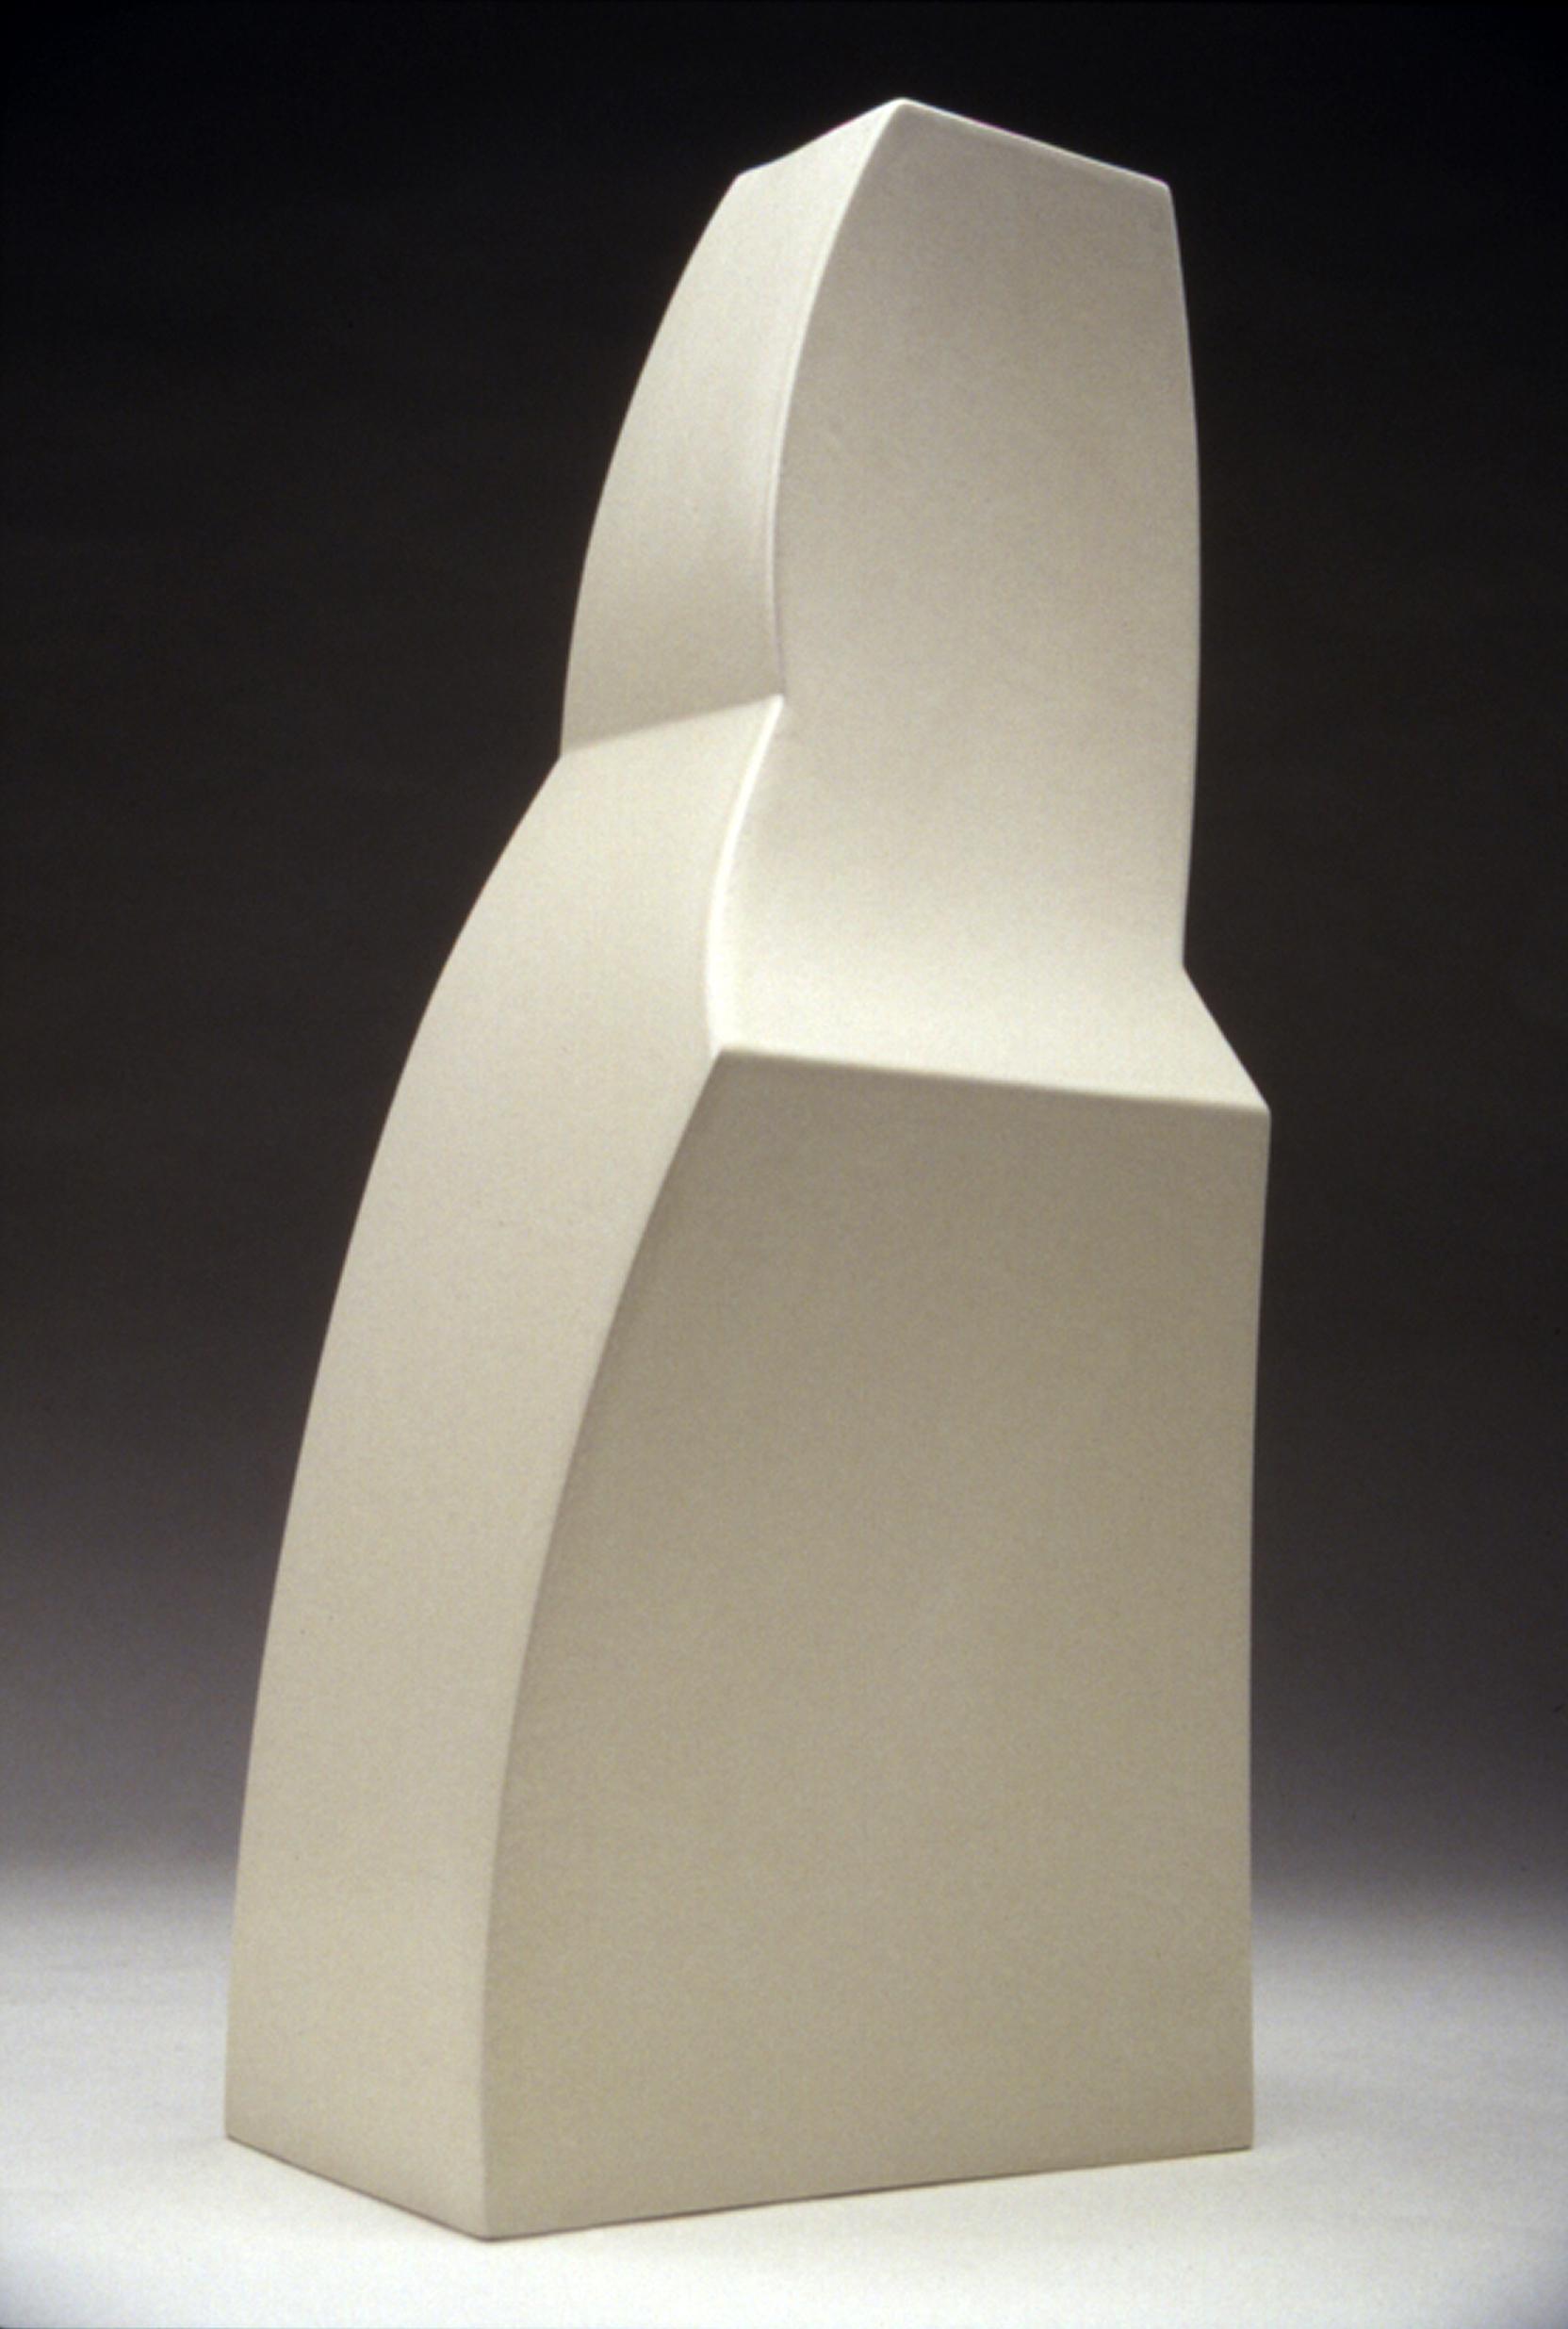 Rockley Ceramic Vase, Driade, 2002